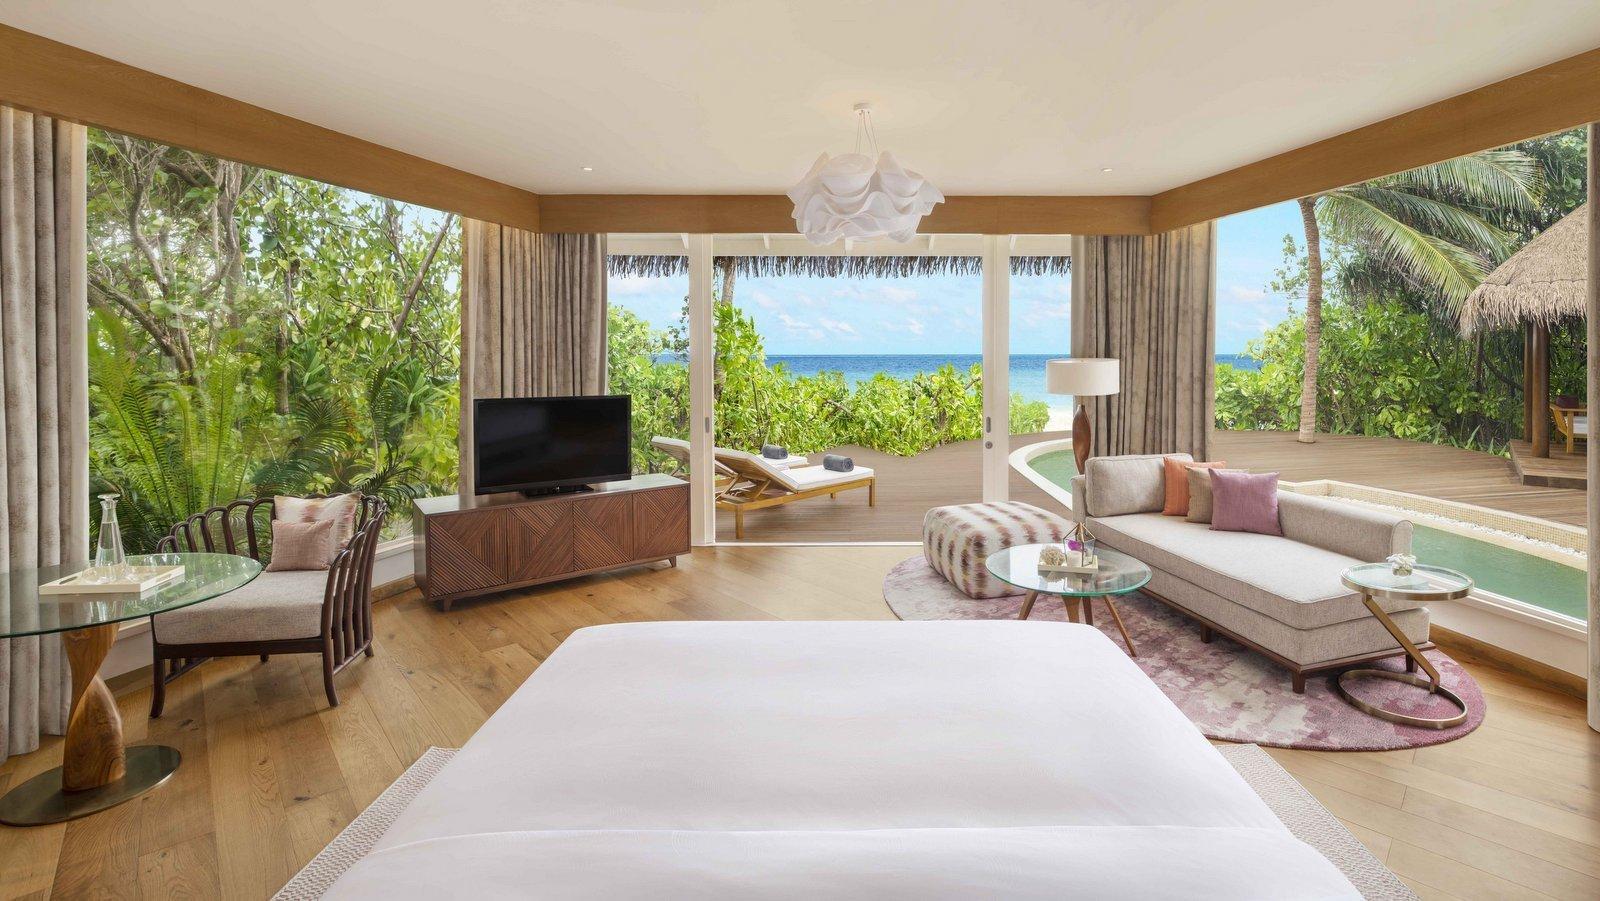 Мальдивы, отель JW Marriott Maldives Resort, номер Duplex Beach Pool Villa